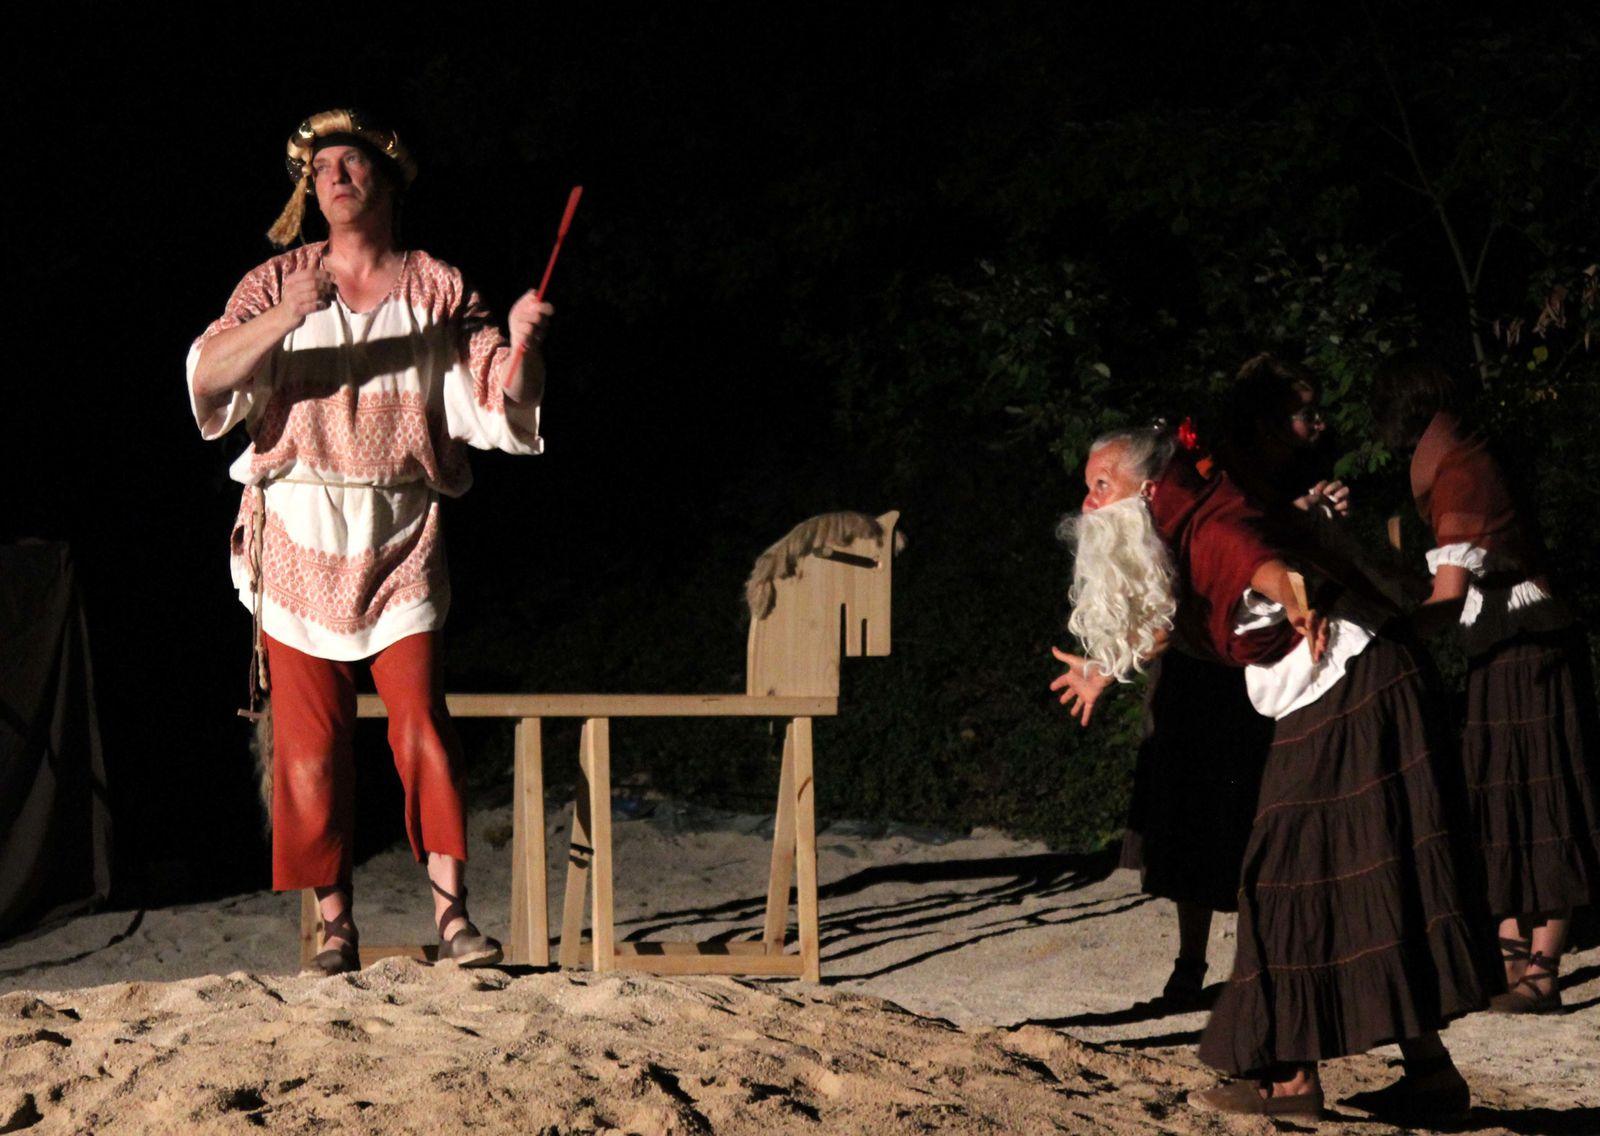 Deuxième acte du spectacle d'été 2011 des Mattagumber.  (photos Gaby Marck - Jacques Saly)